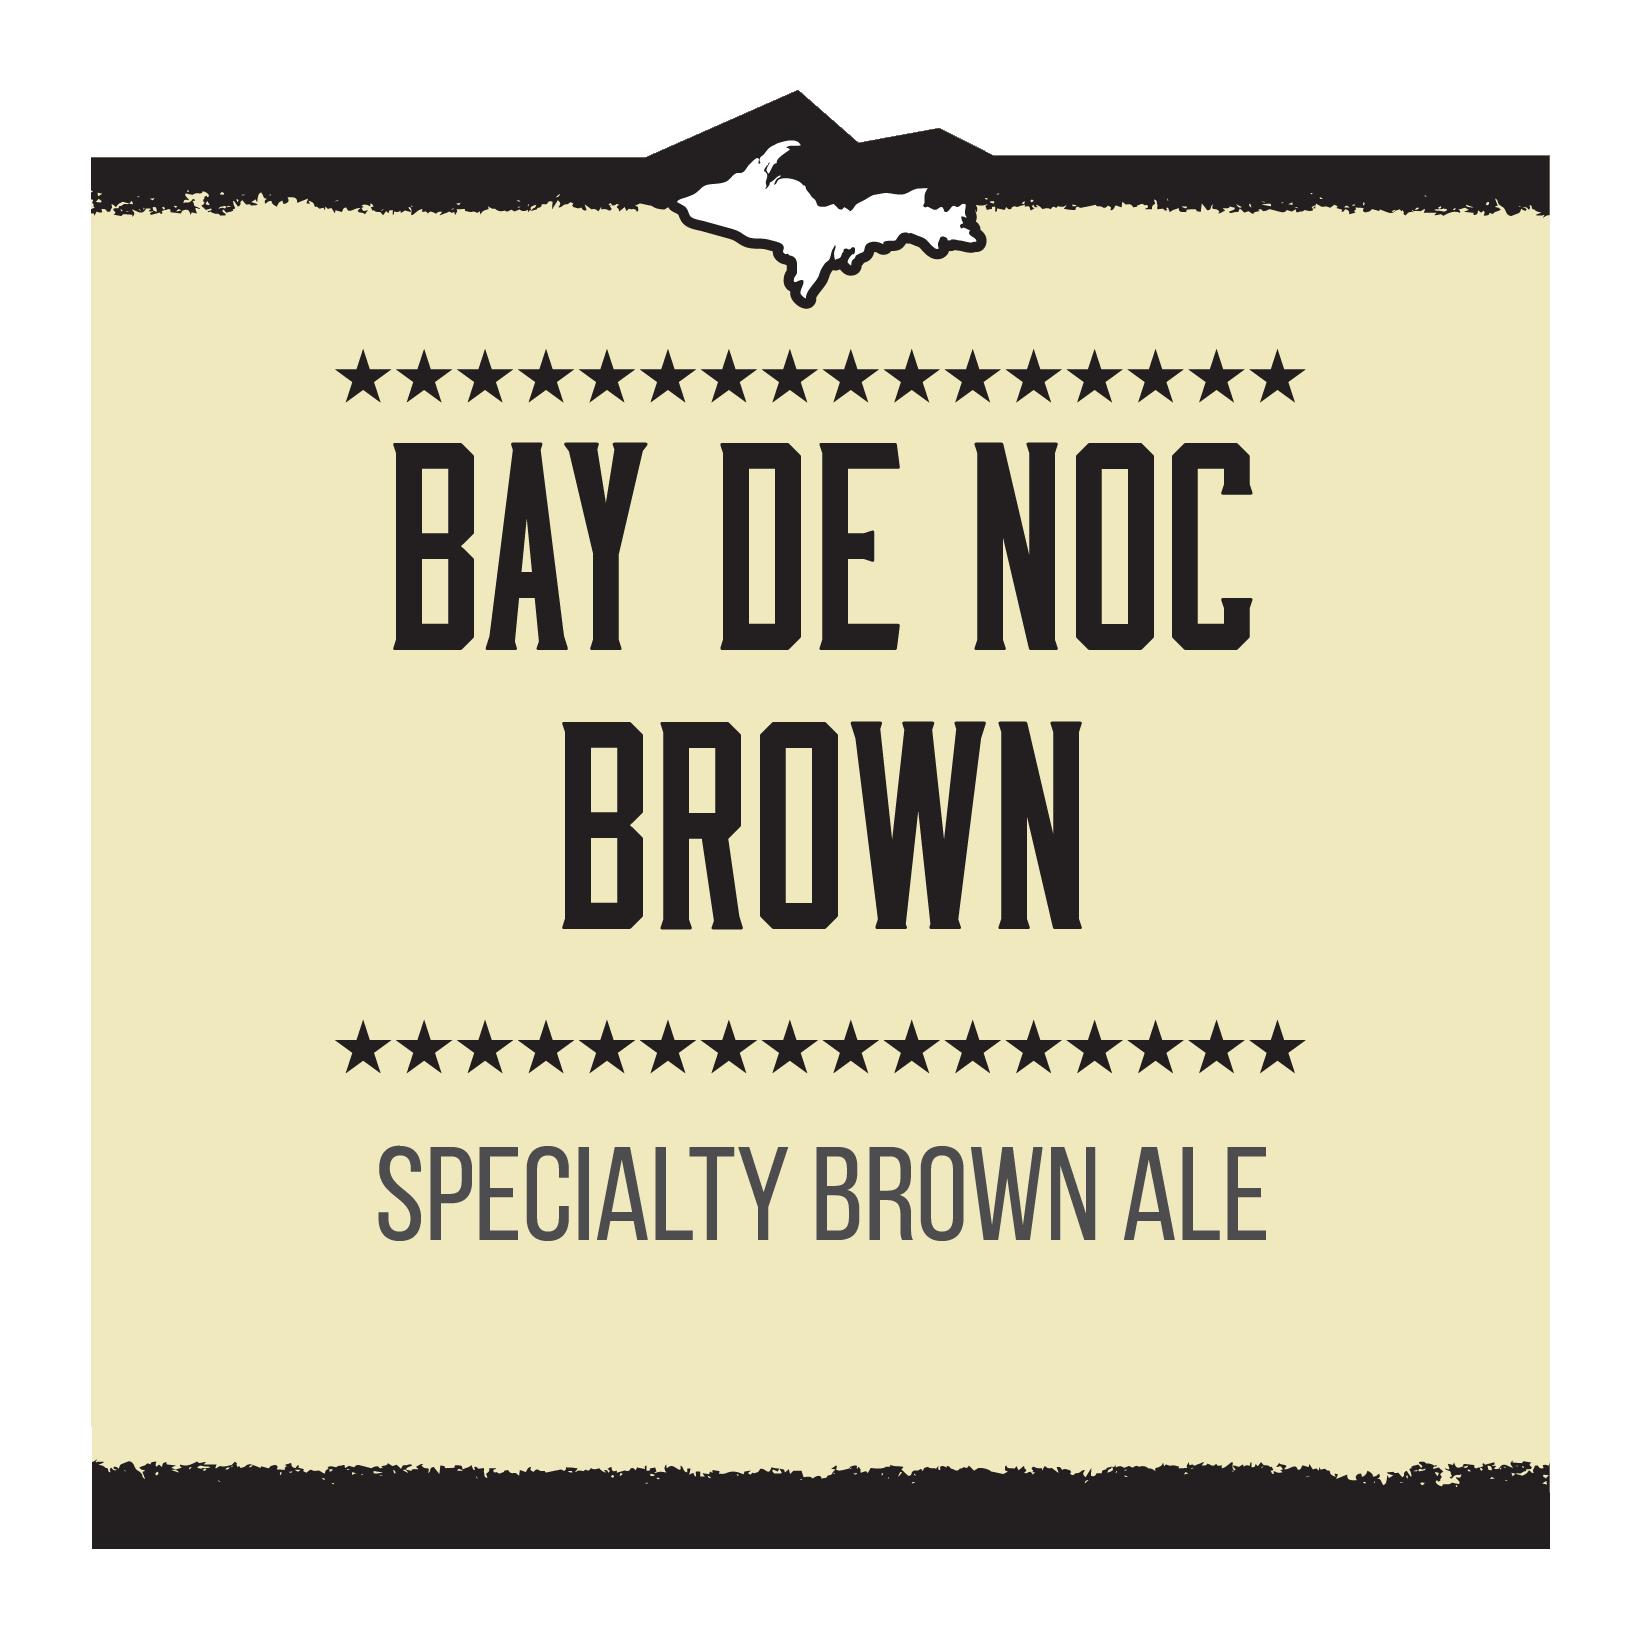 Bay de Noc Brown Brand Rendering